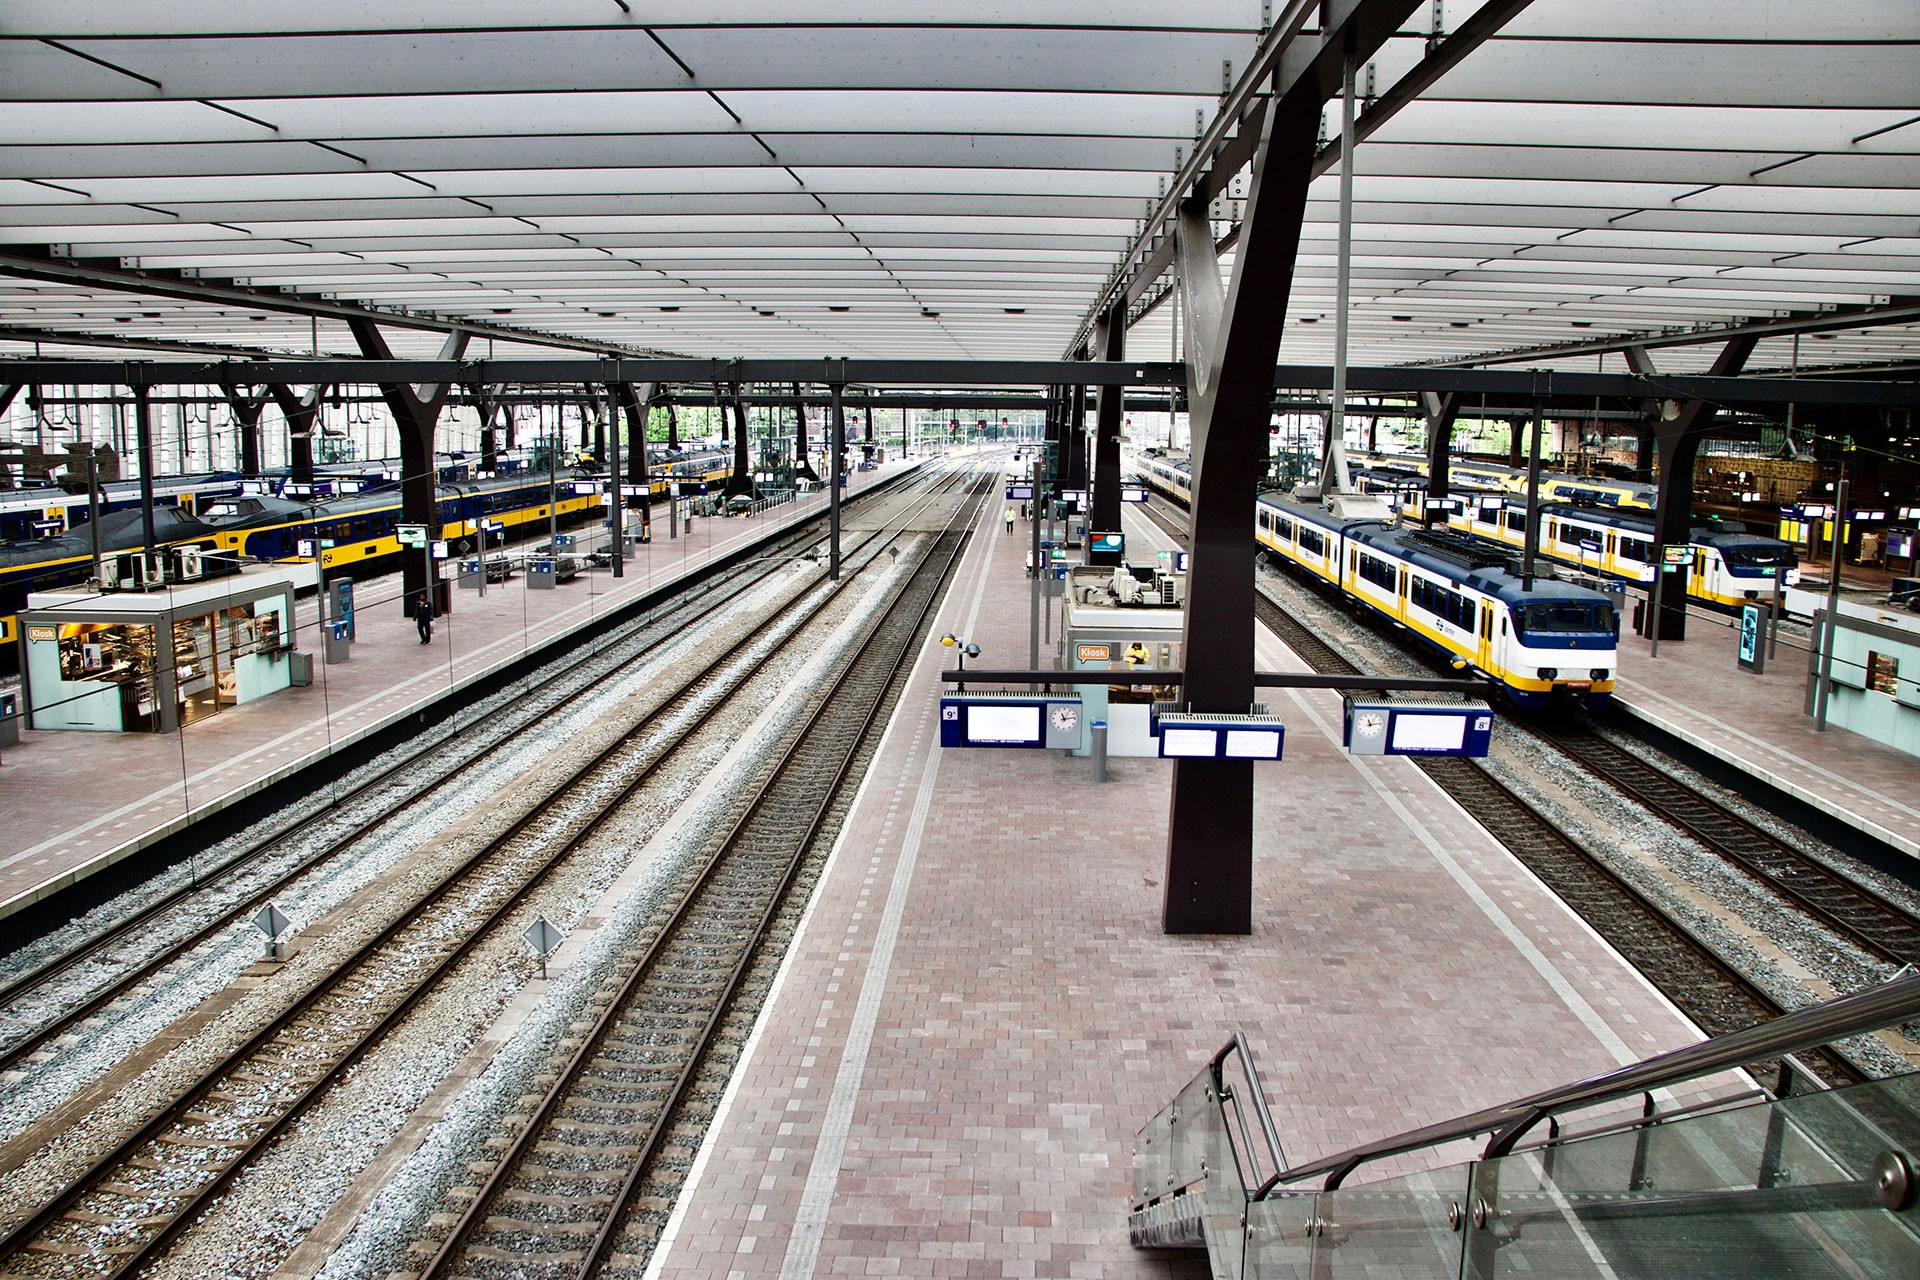 Hollanda'da emeklilik hakkı için toplu taşımacılıkta grev günü